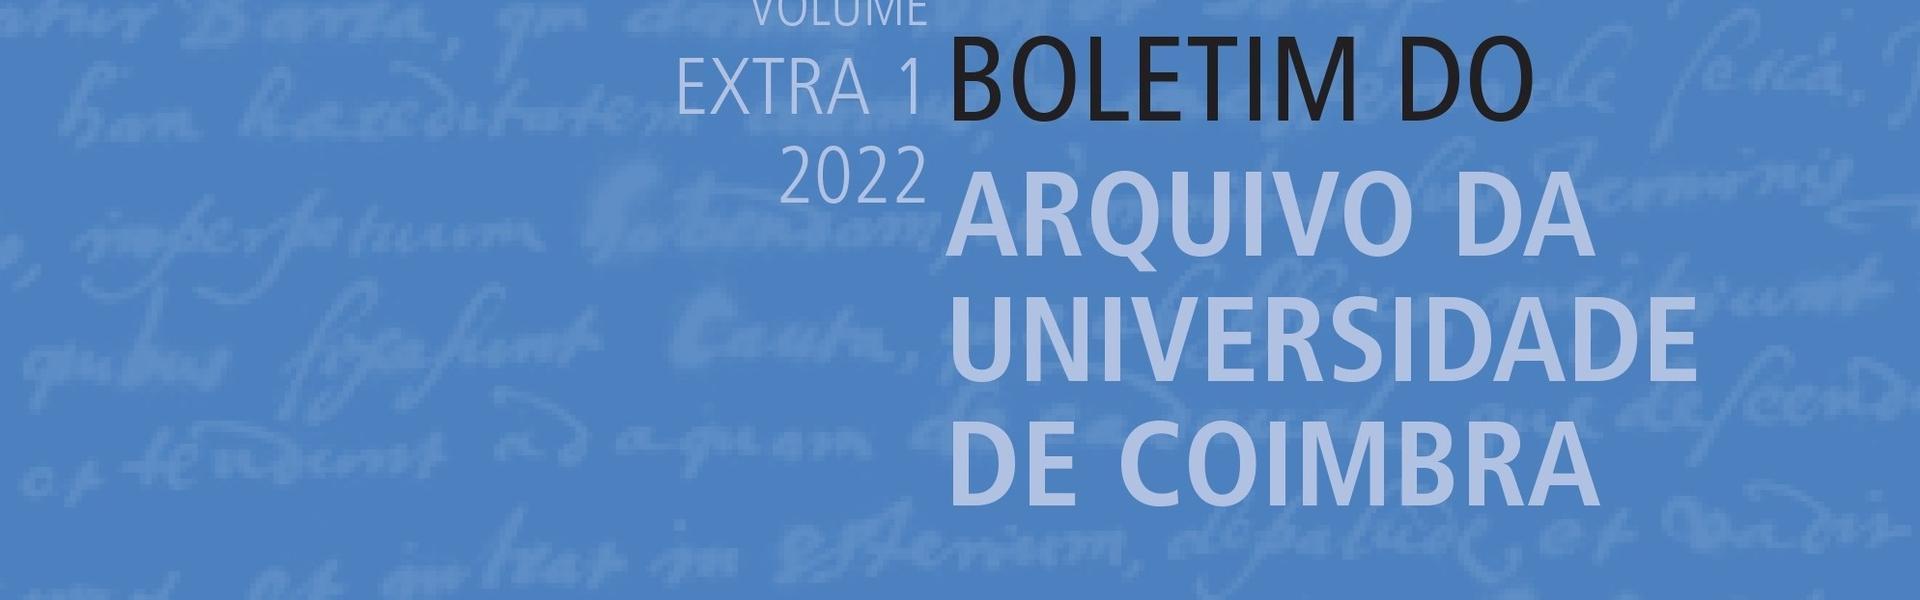 Publicação do Vol. XXXI, n.º 2 do BAUC